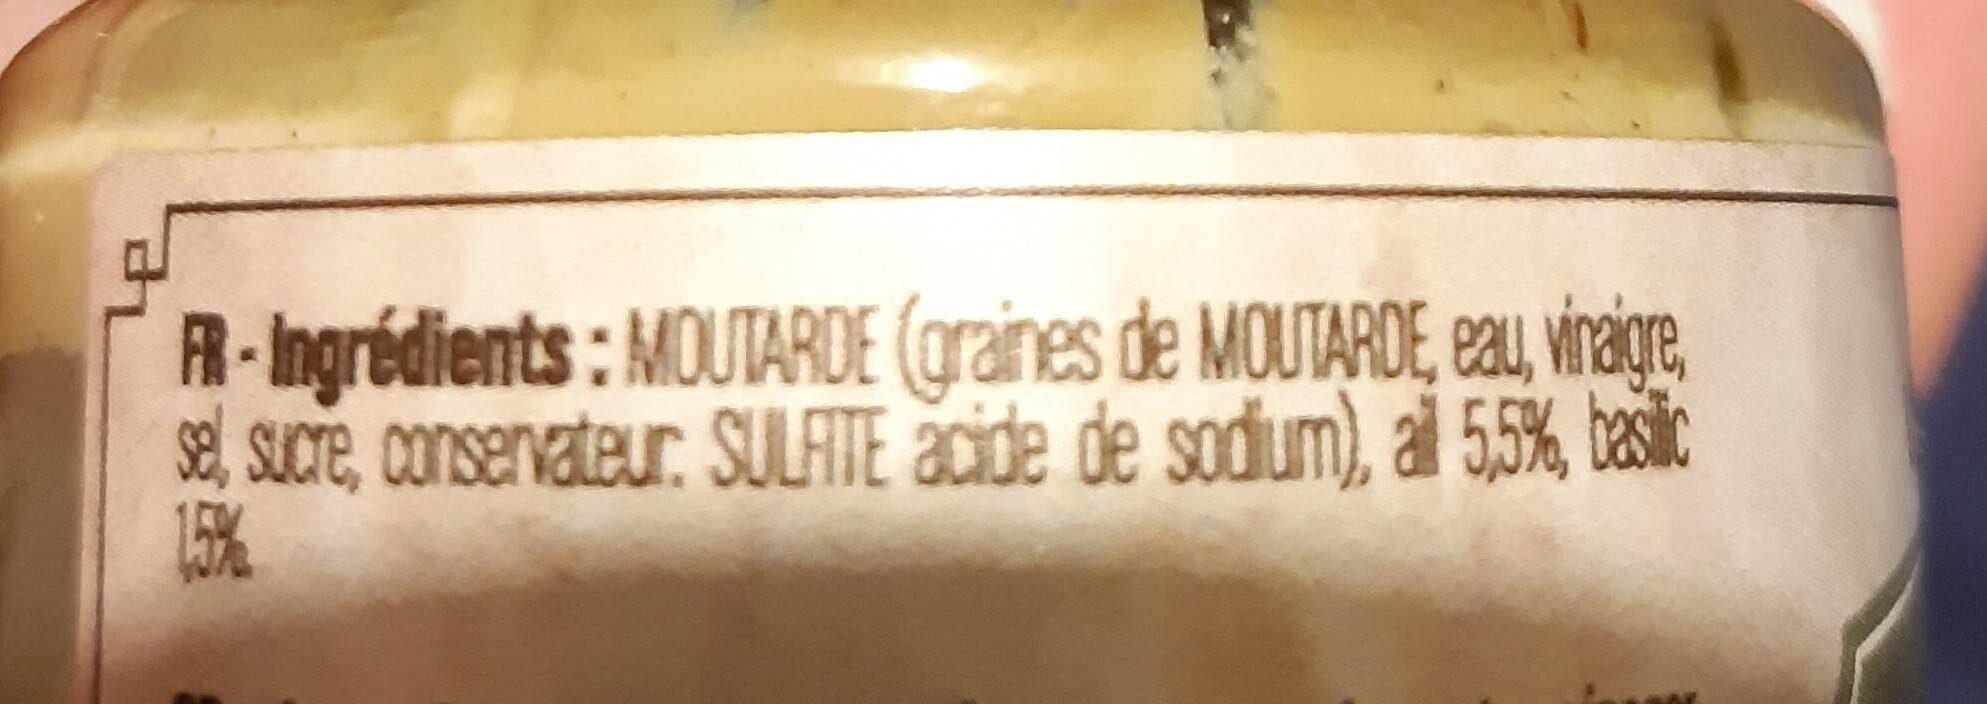 Moutarde ail et basilic - Ingrédients